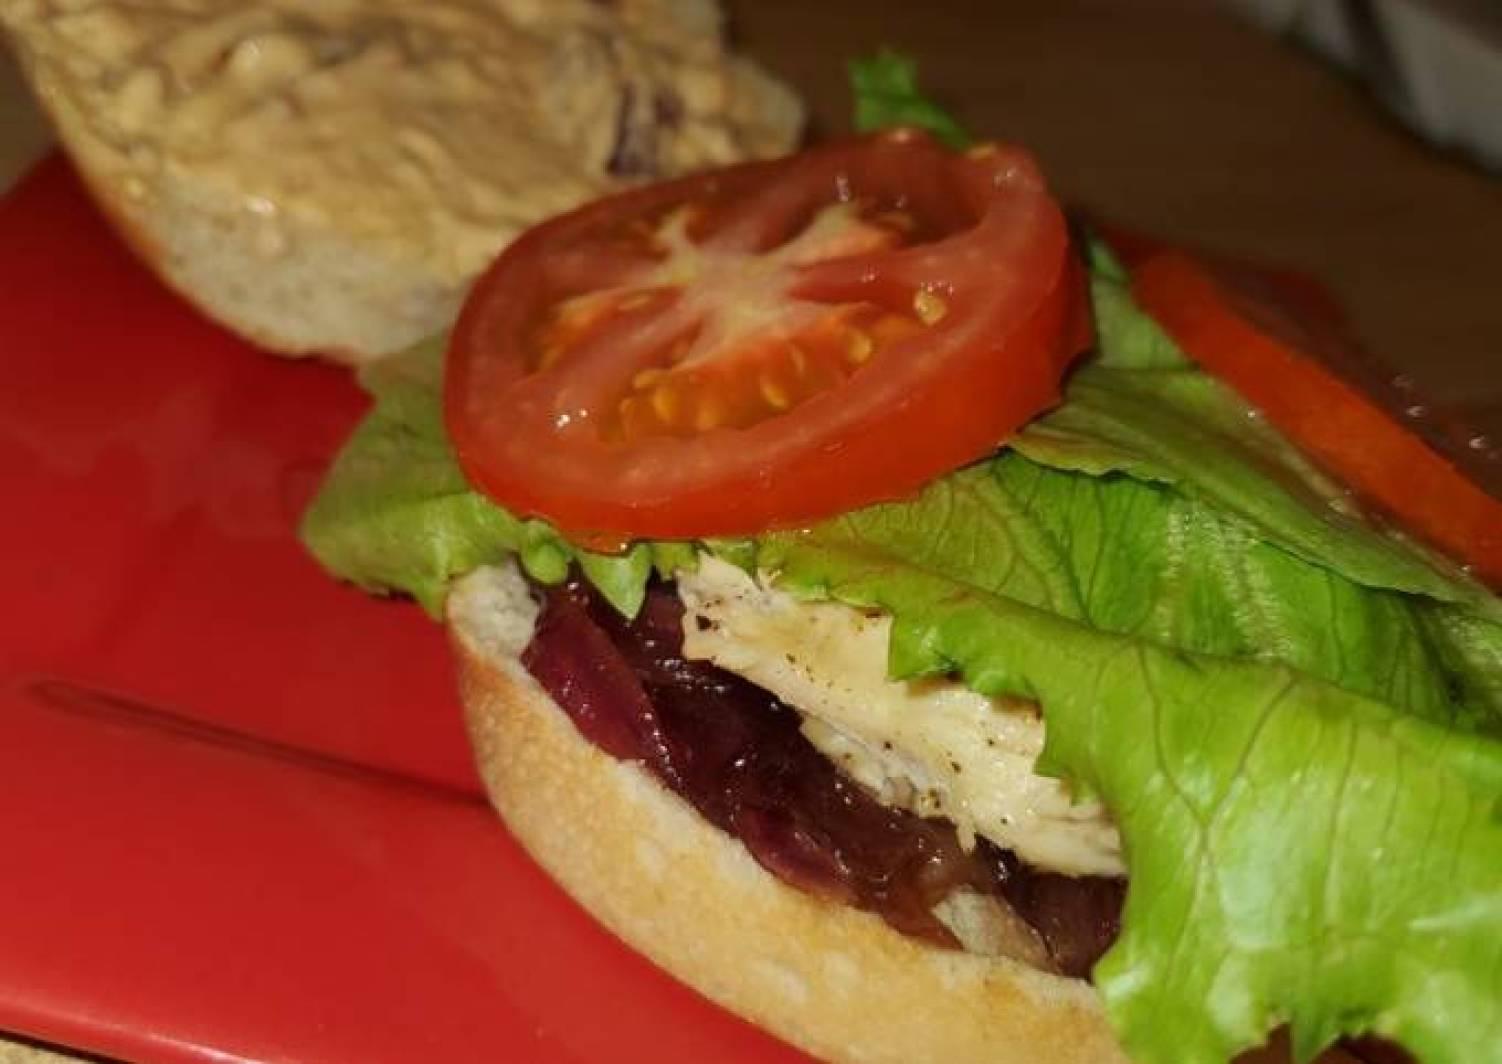 Jeramy and Corey's Chicken Sandwich